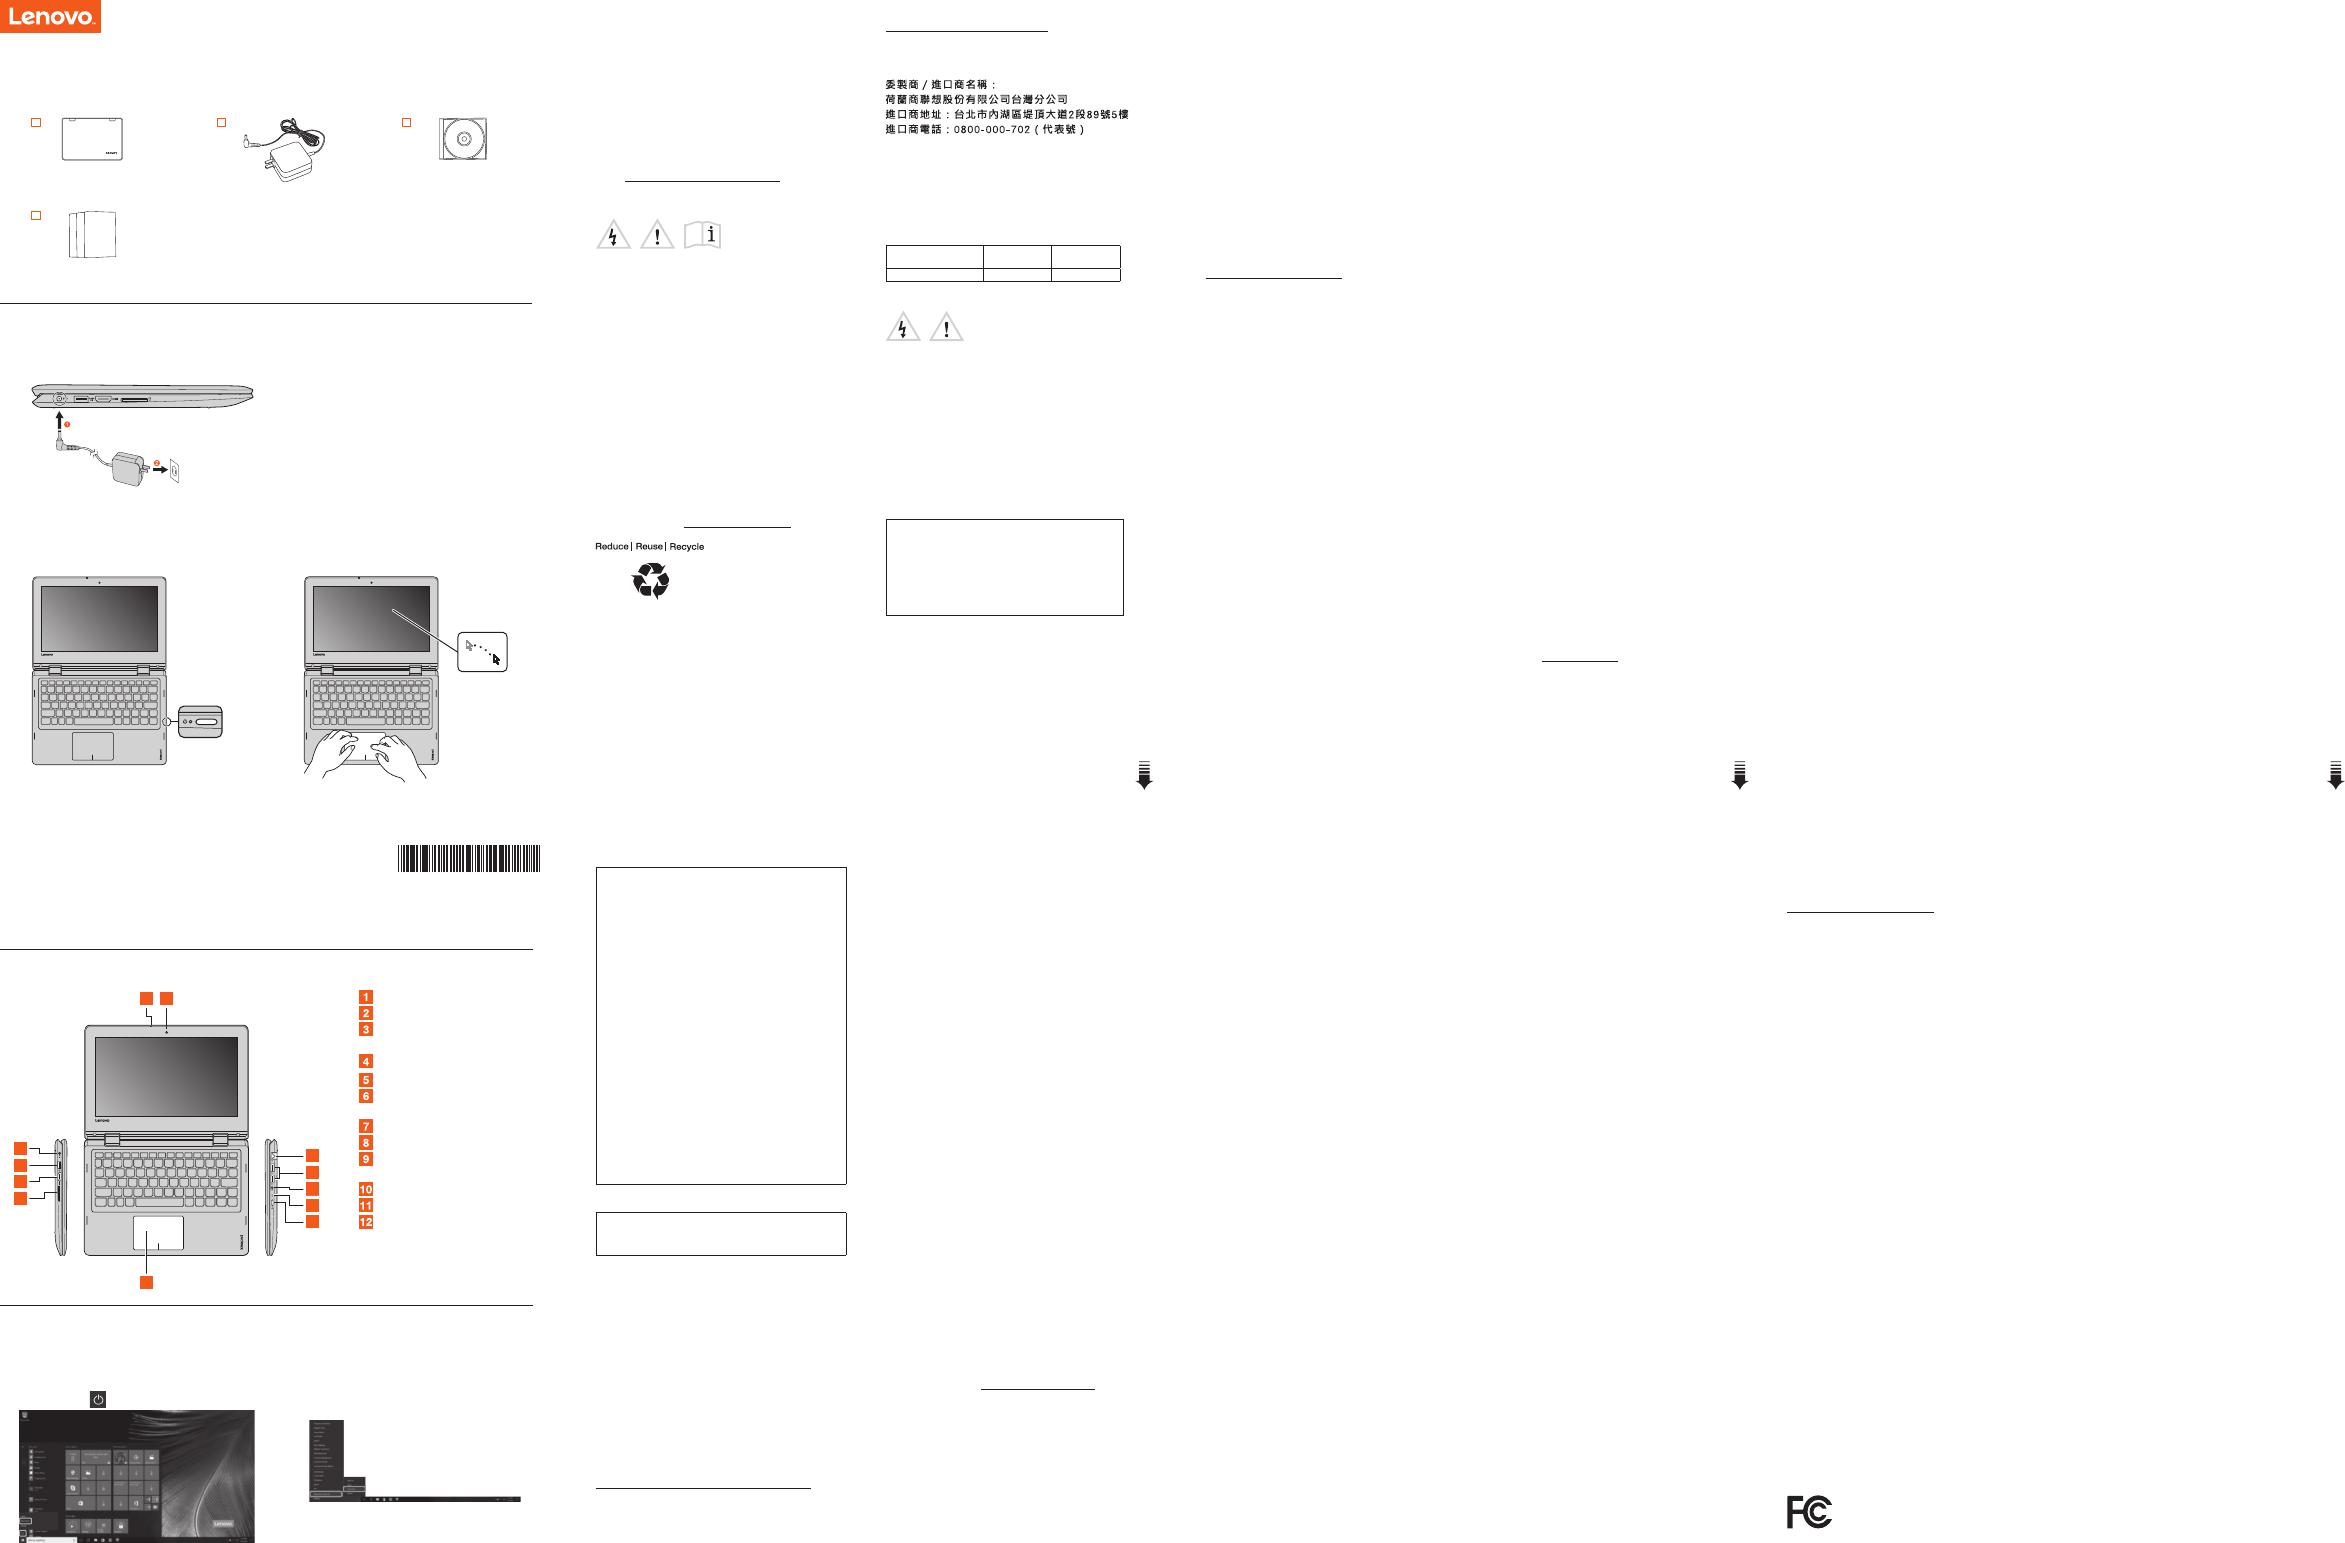 Lenovo 2in1 11 Swsg Es 201709 Ideapad 2in 1 Sp User Manual